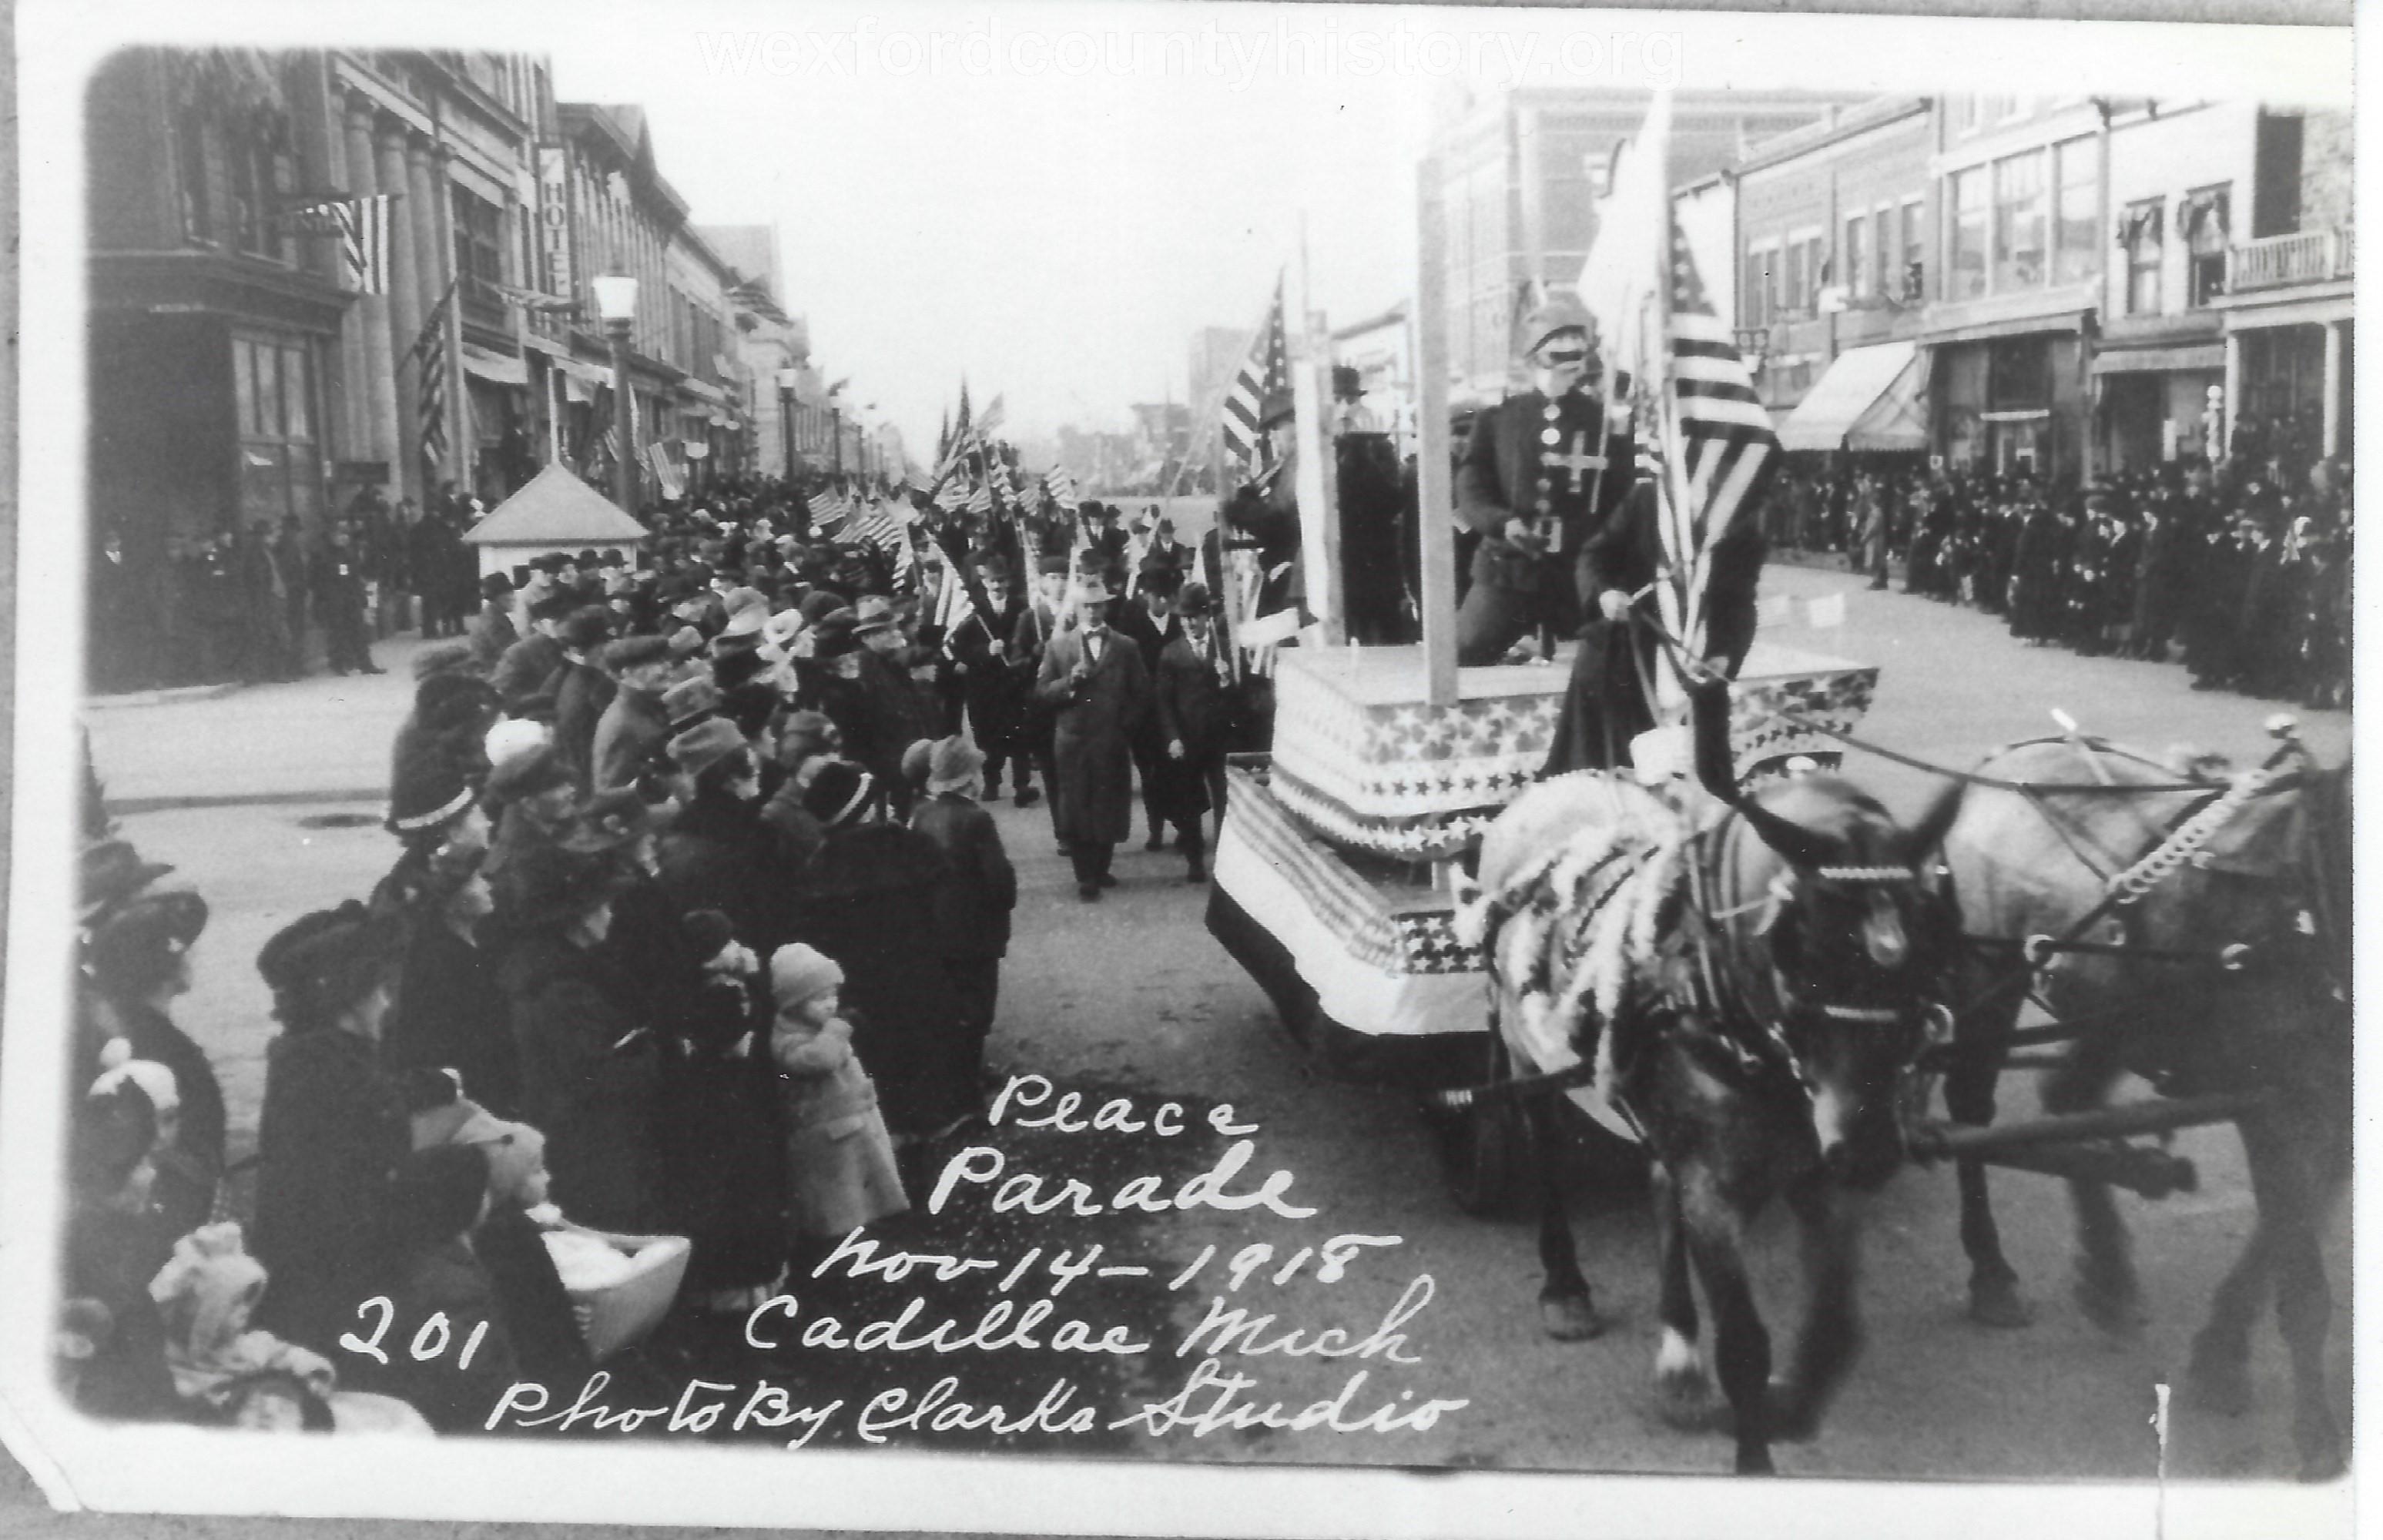 Cadillac-Parade-1918-11-14-Peace-Parade-9